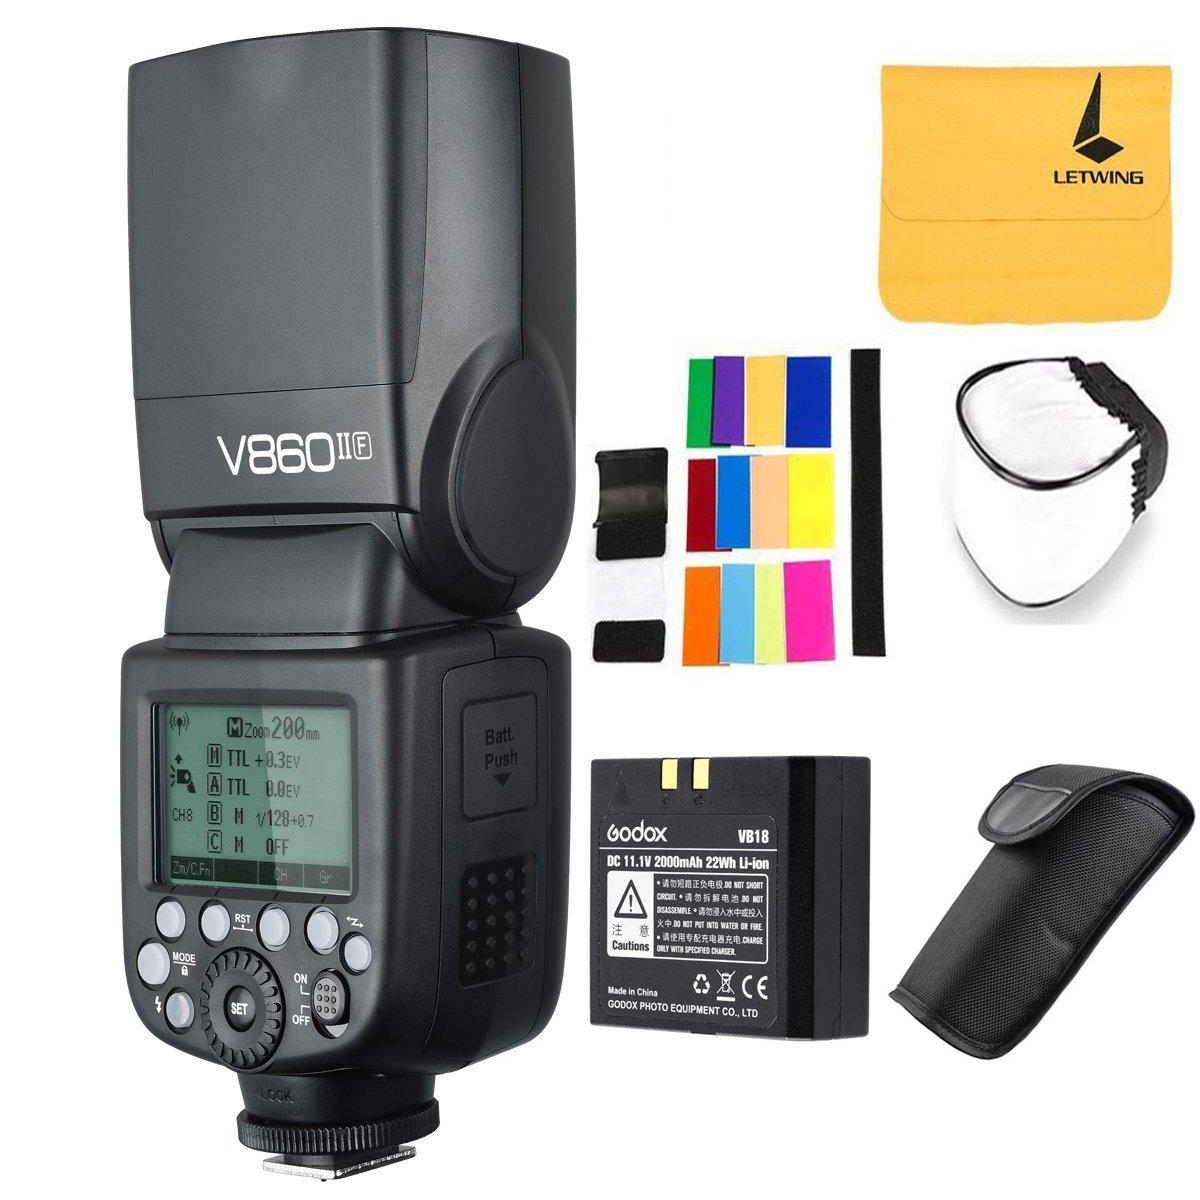 GODOX V860II-F 2.4G TTL Li-on Battery Camera Flash Speedlite for Fujifilm Camera X-Pro2 X-T20 X-T1 X-T2 X-Pro1 X100F